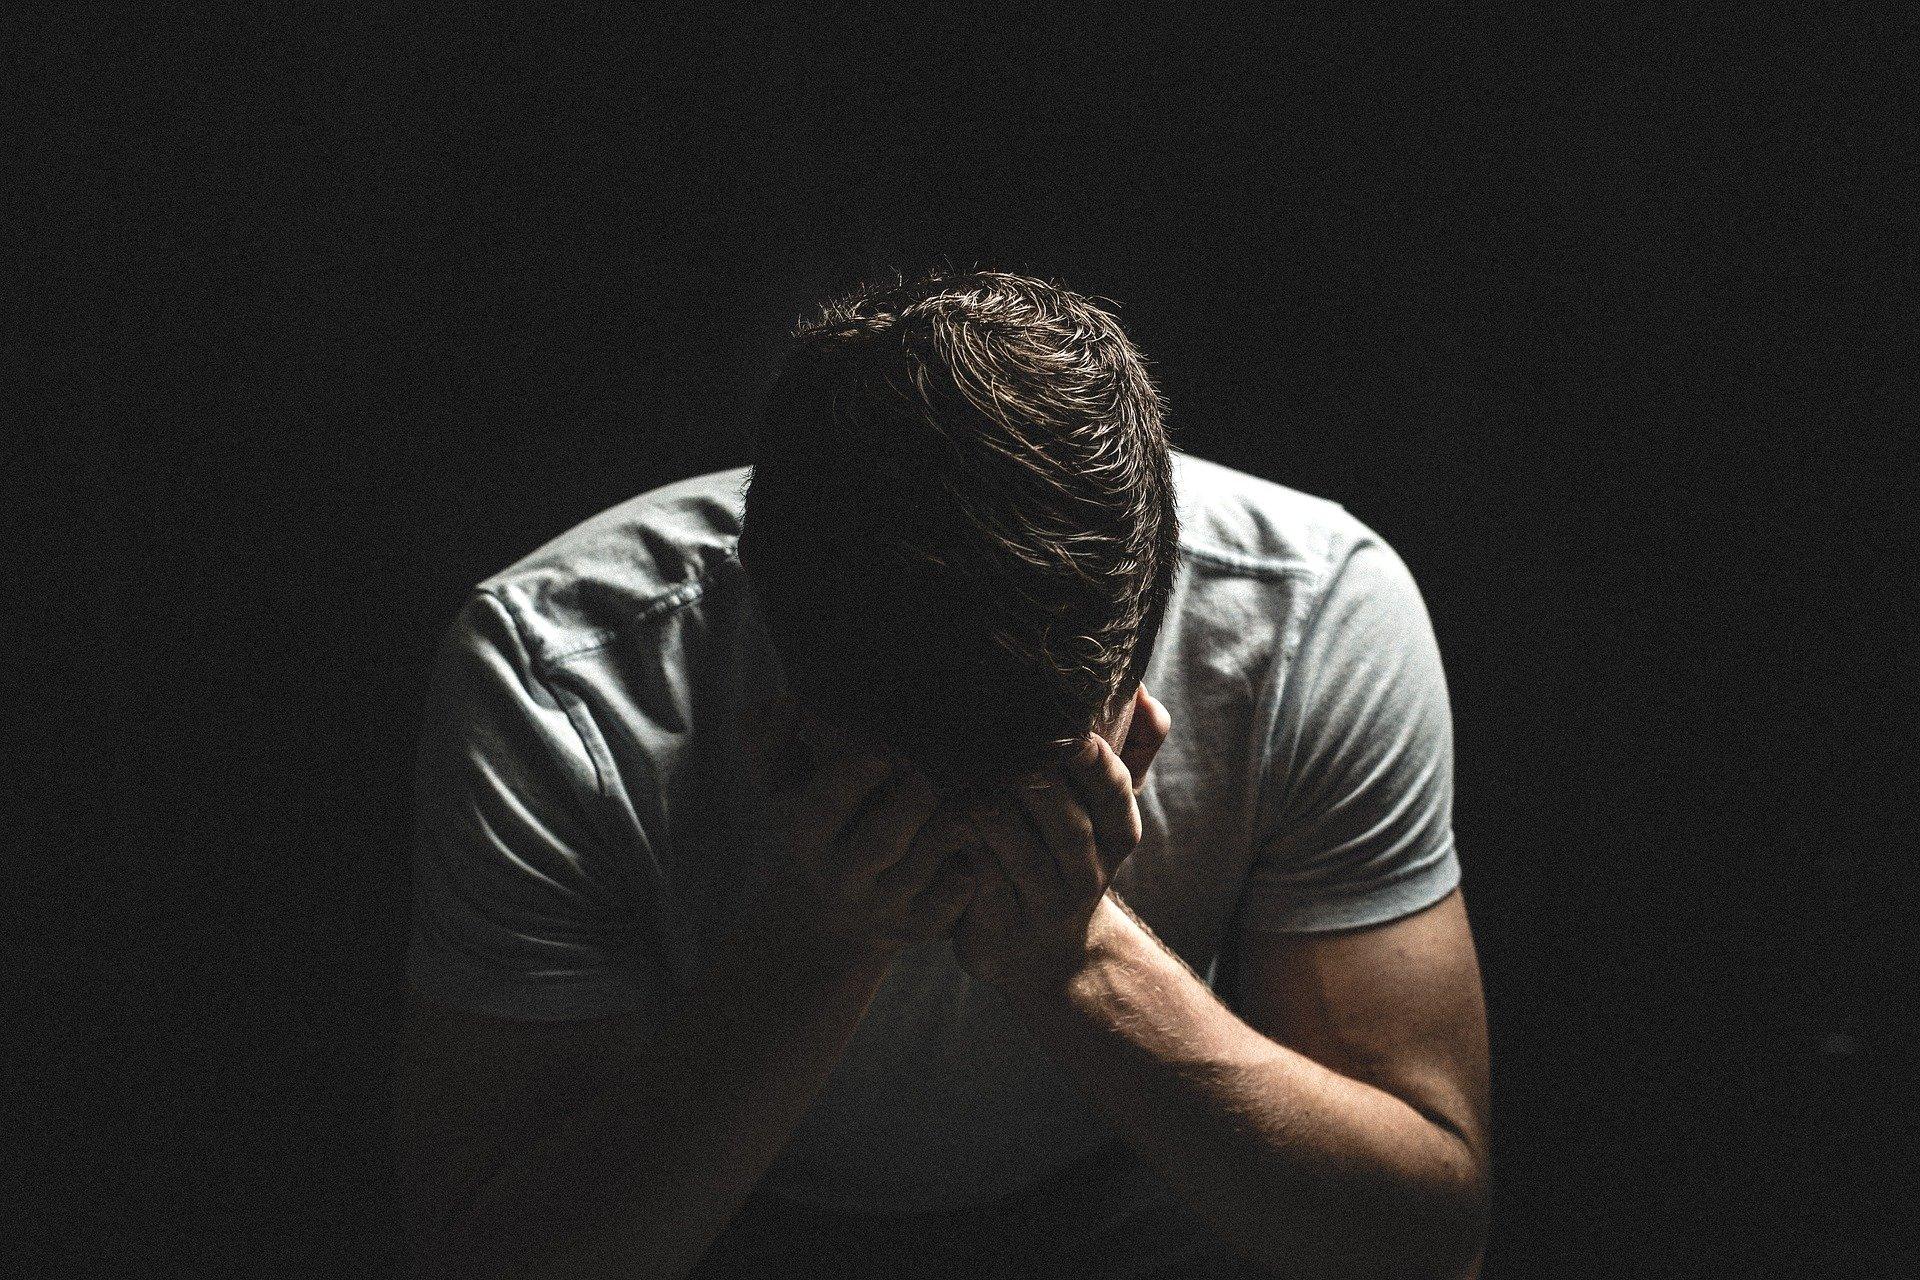 5 דברים שצריך לדעת על פגיעה נפשית בצבא